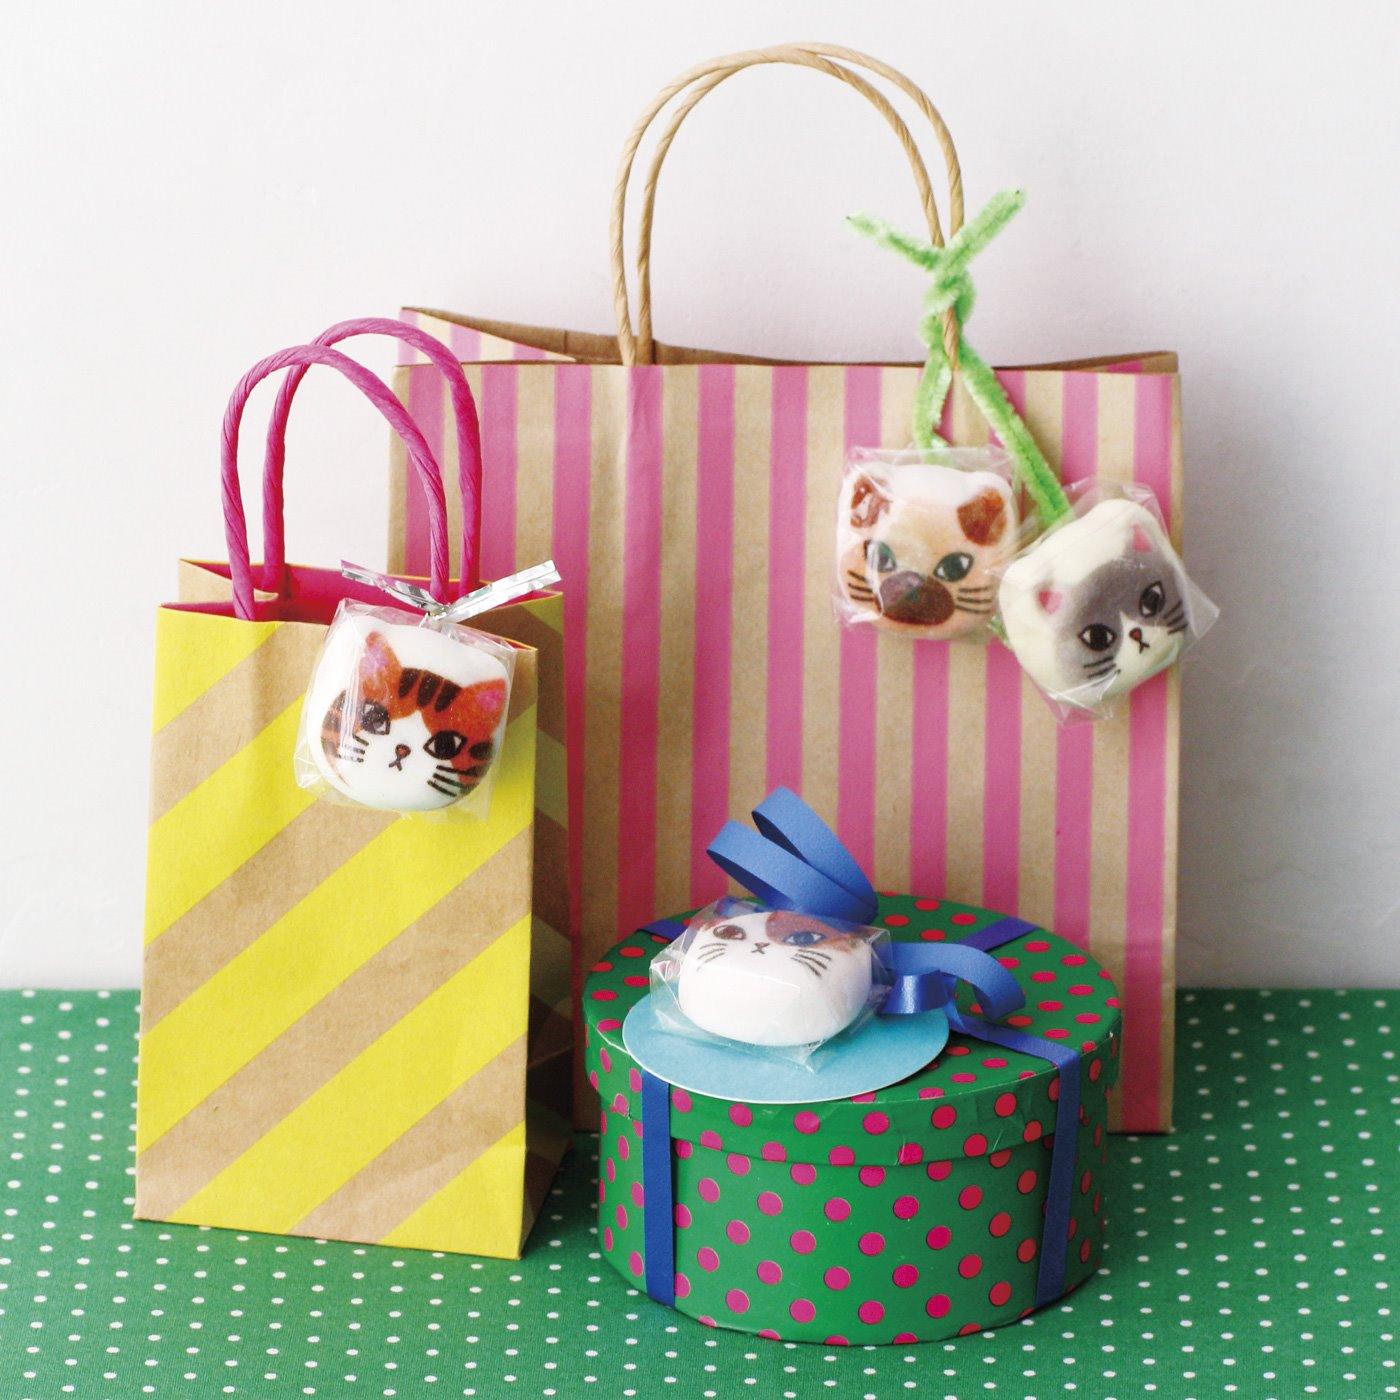 猫好きな友だちへのプレゼントやお礼にも♪